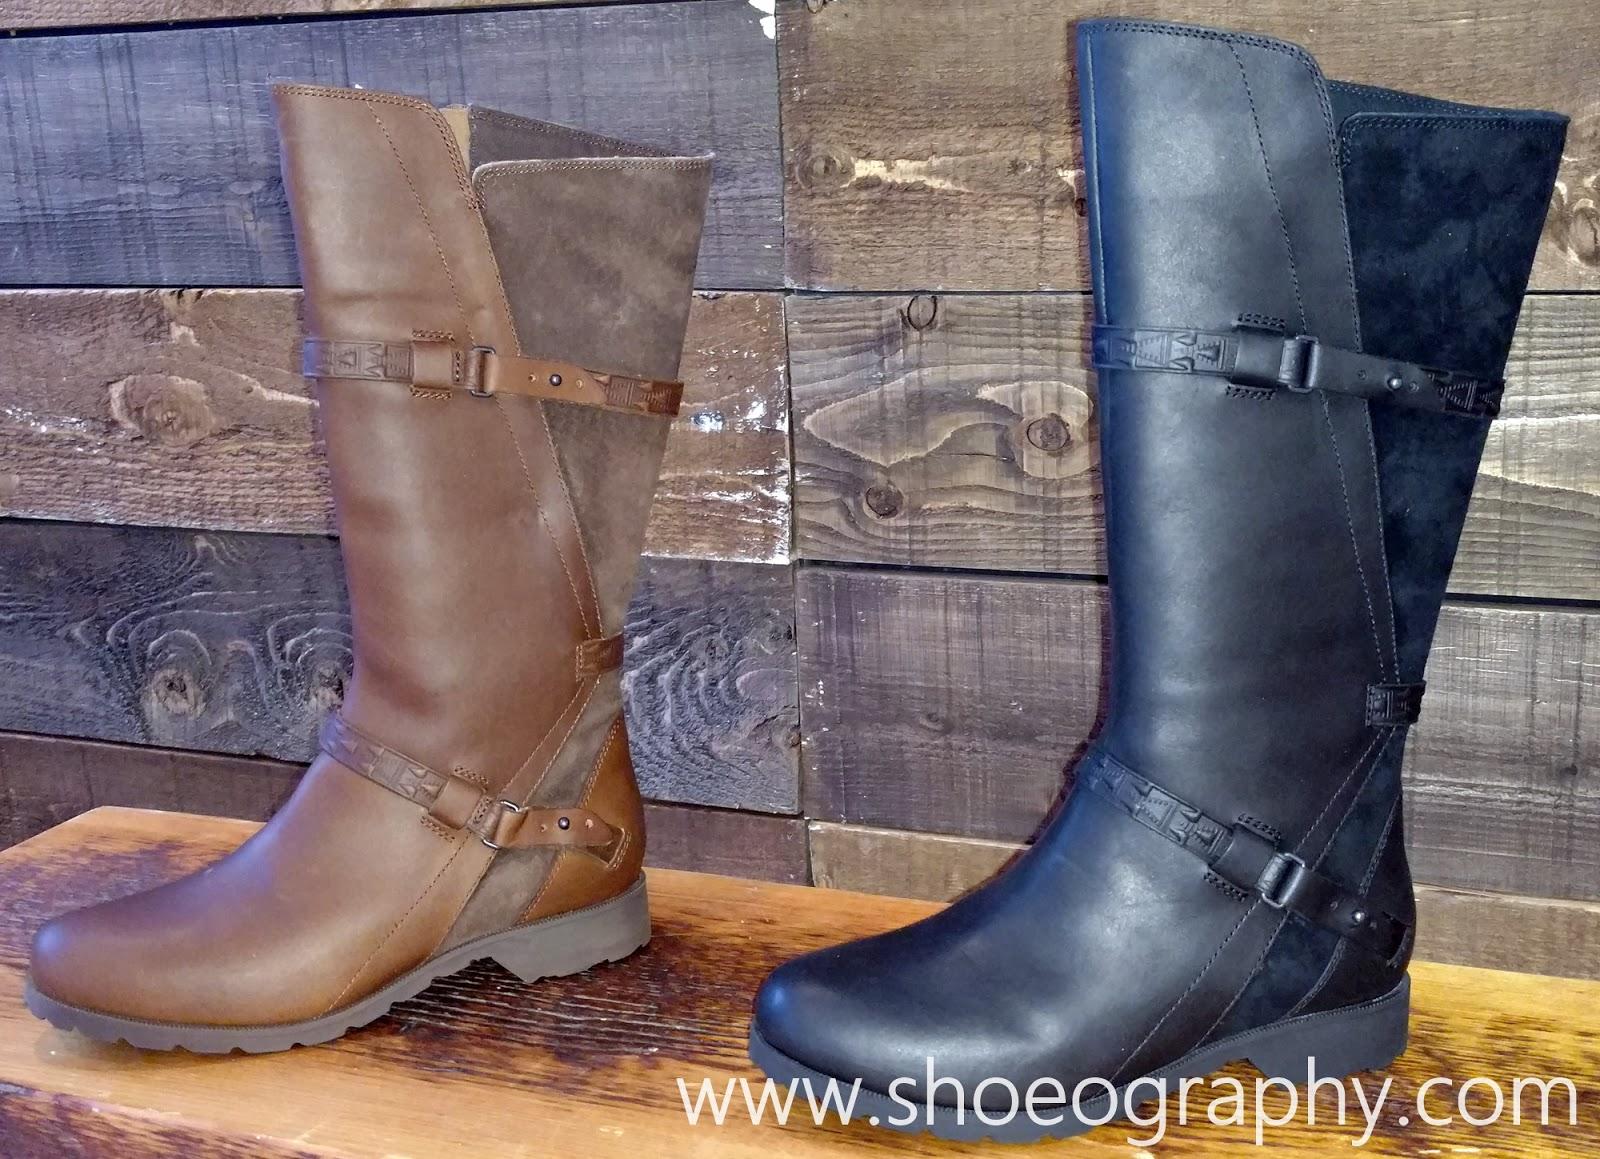 d83c8b6802d51 Boot Camp  Teva s Winter Boot Guide